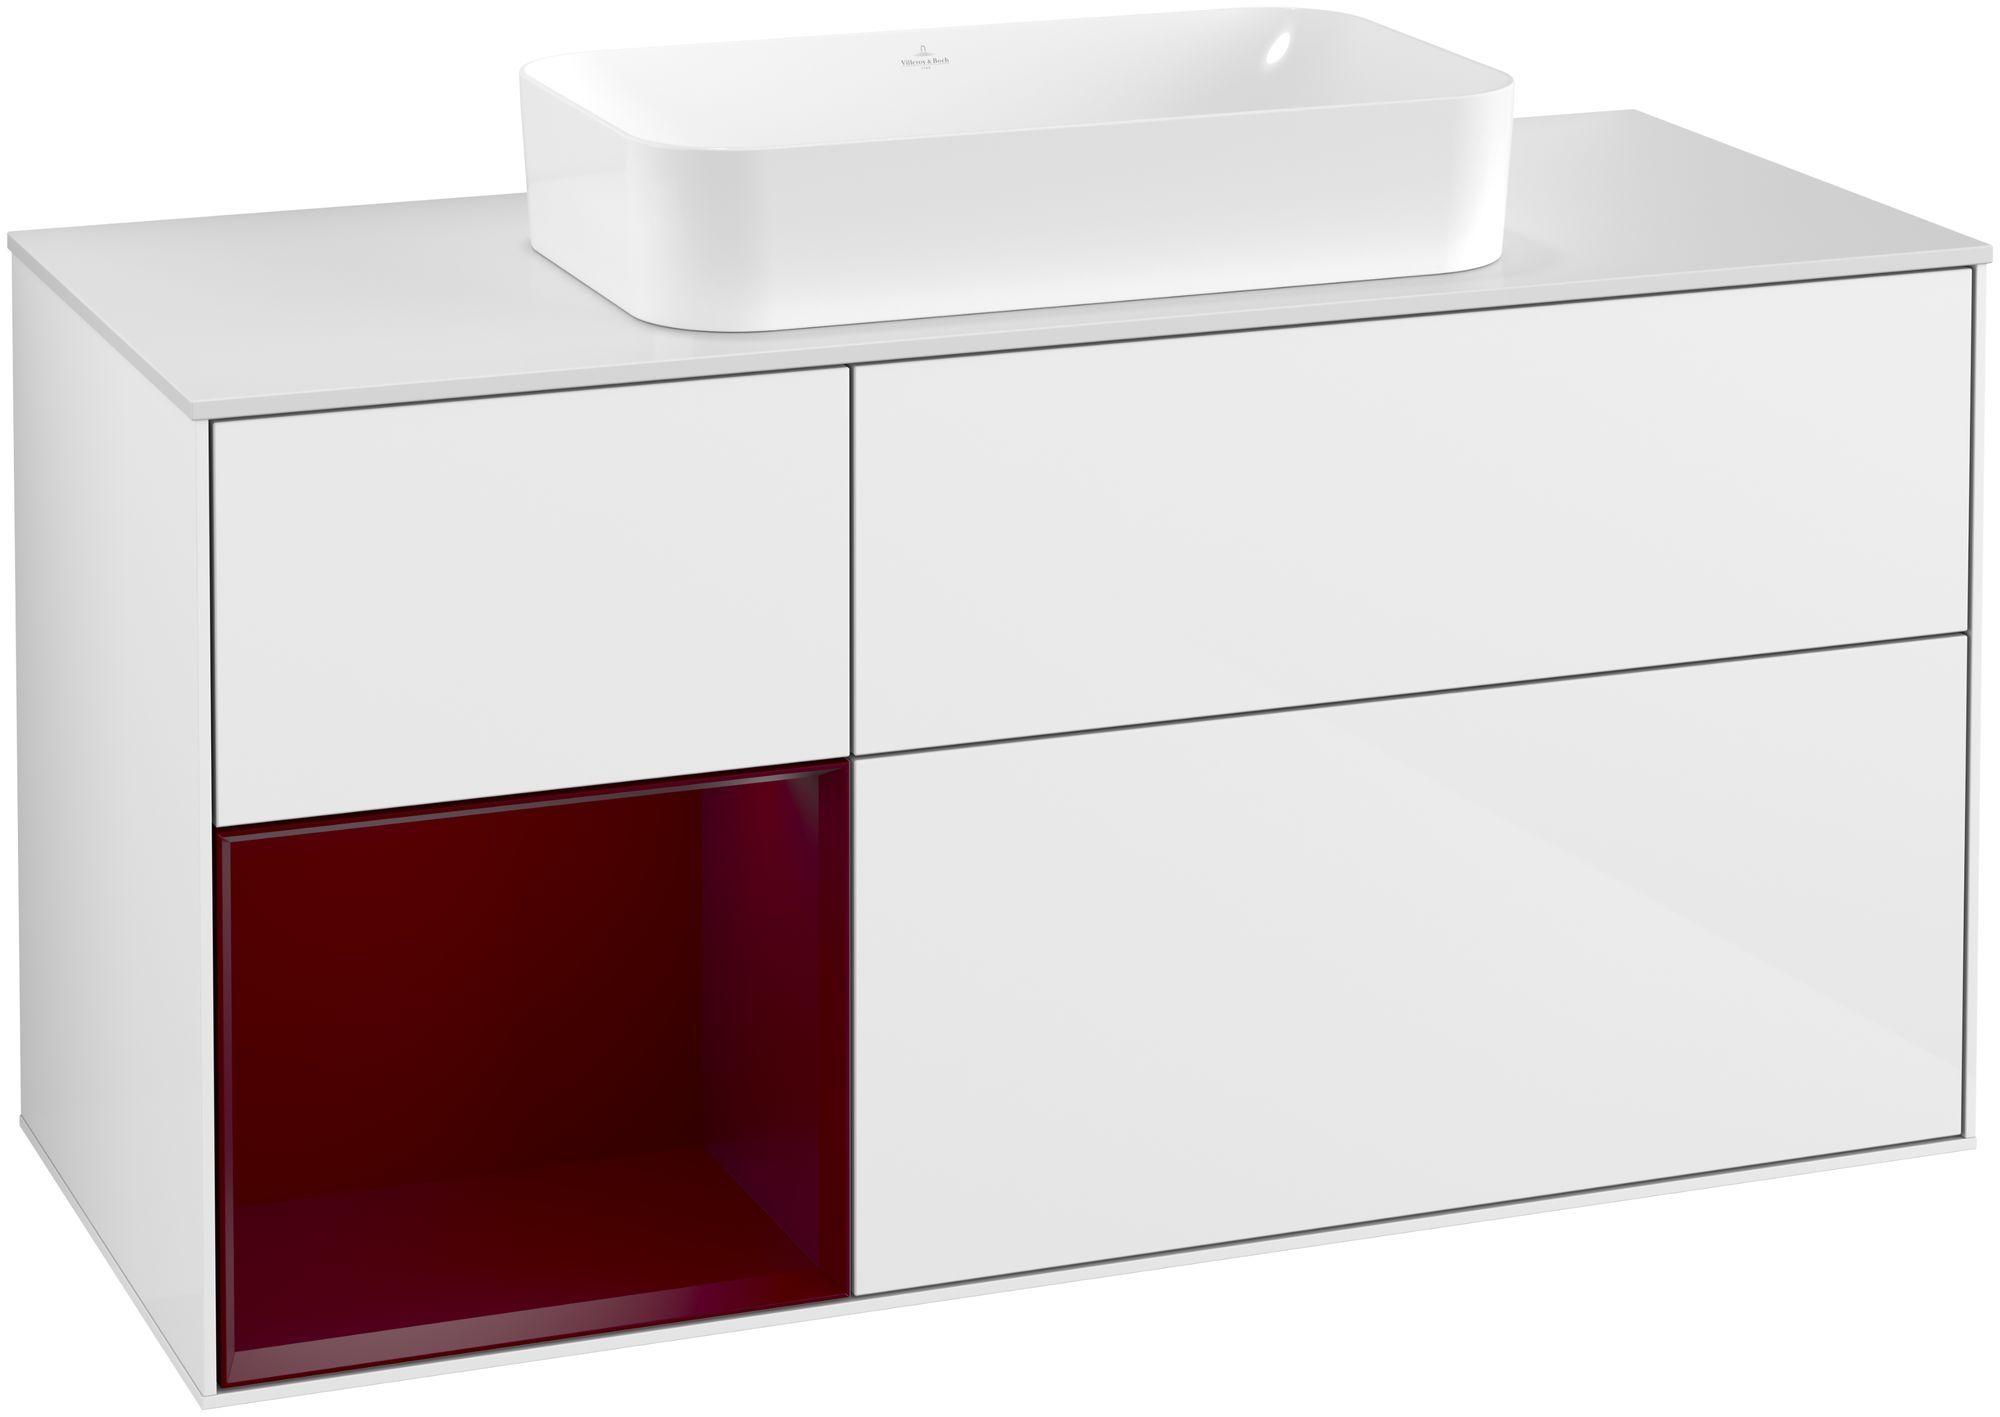 Villeroy & Boch Finion G29 Waschtischunterschrank mit Regalelement 3 Auszüge Waschtisch mittig LED-Beleuchtung B:120xH:60,3xT:50,1cm Front, Korpus: Glossy White Lack, Regal: Peony, Glasplatte: White Matt G291HBGF